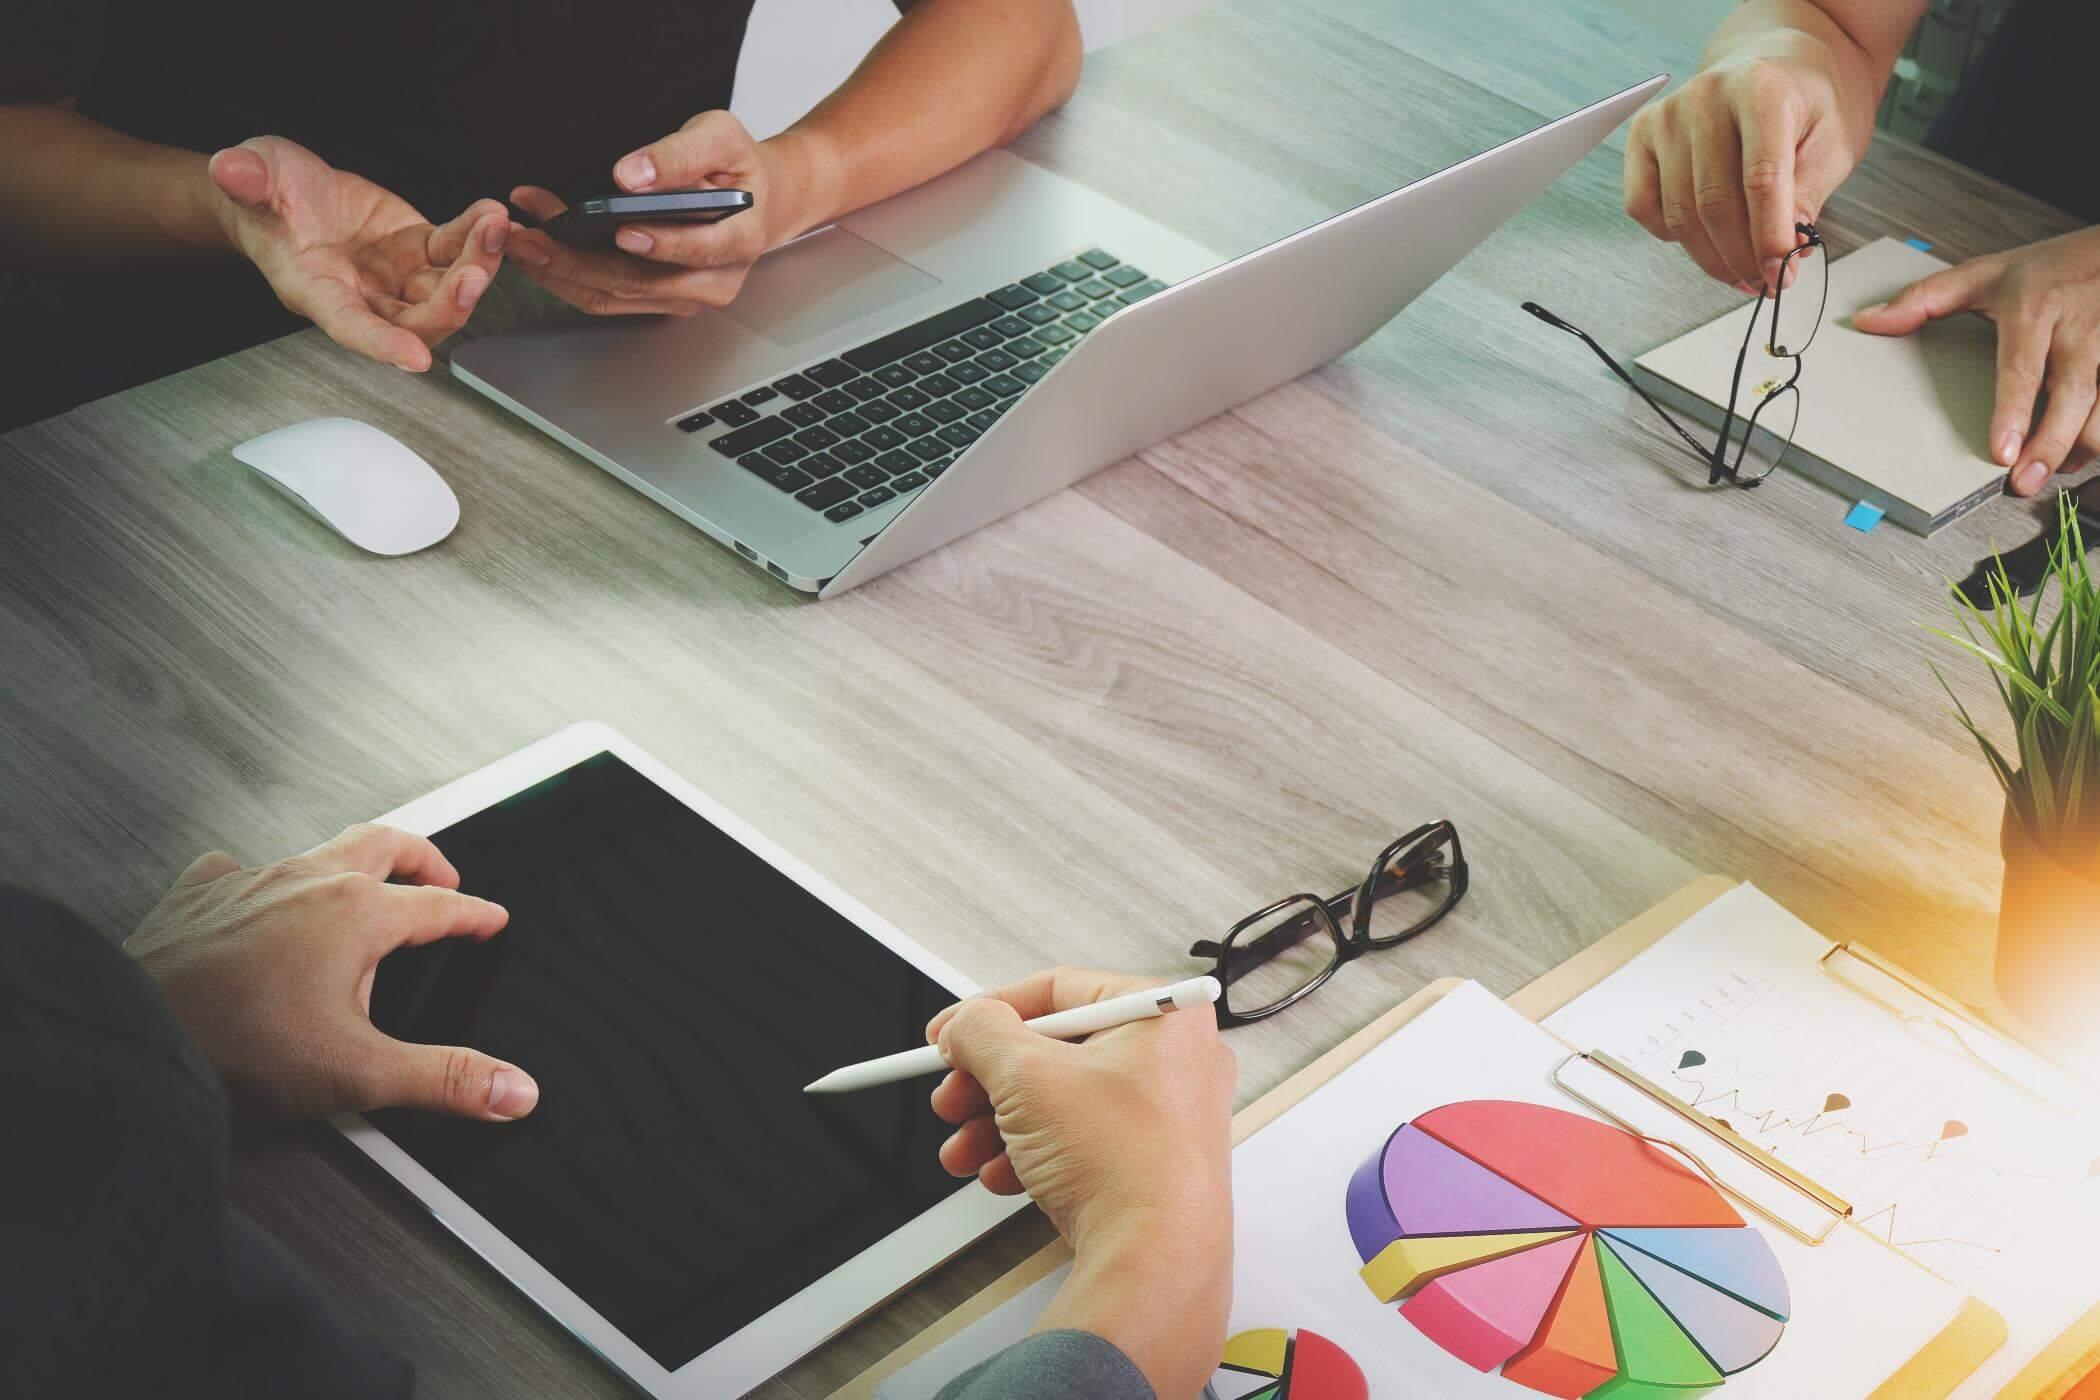 Leren veranderen met Business Simulaties